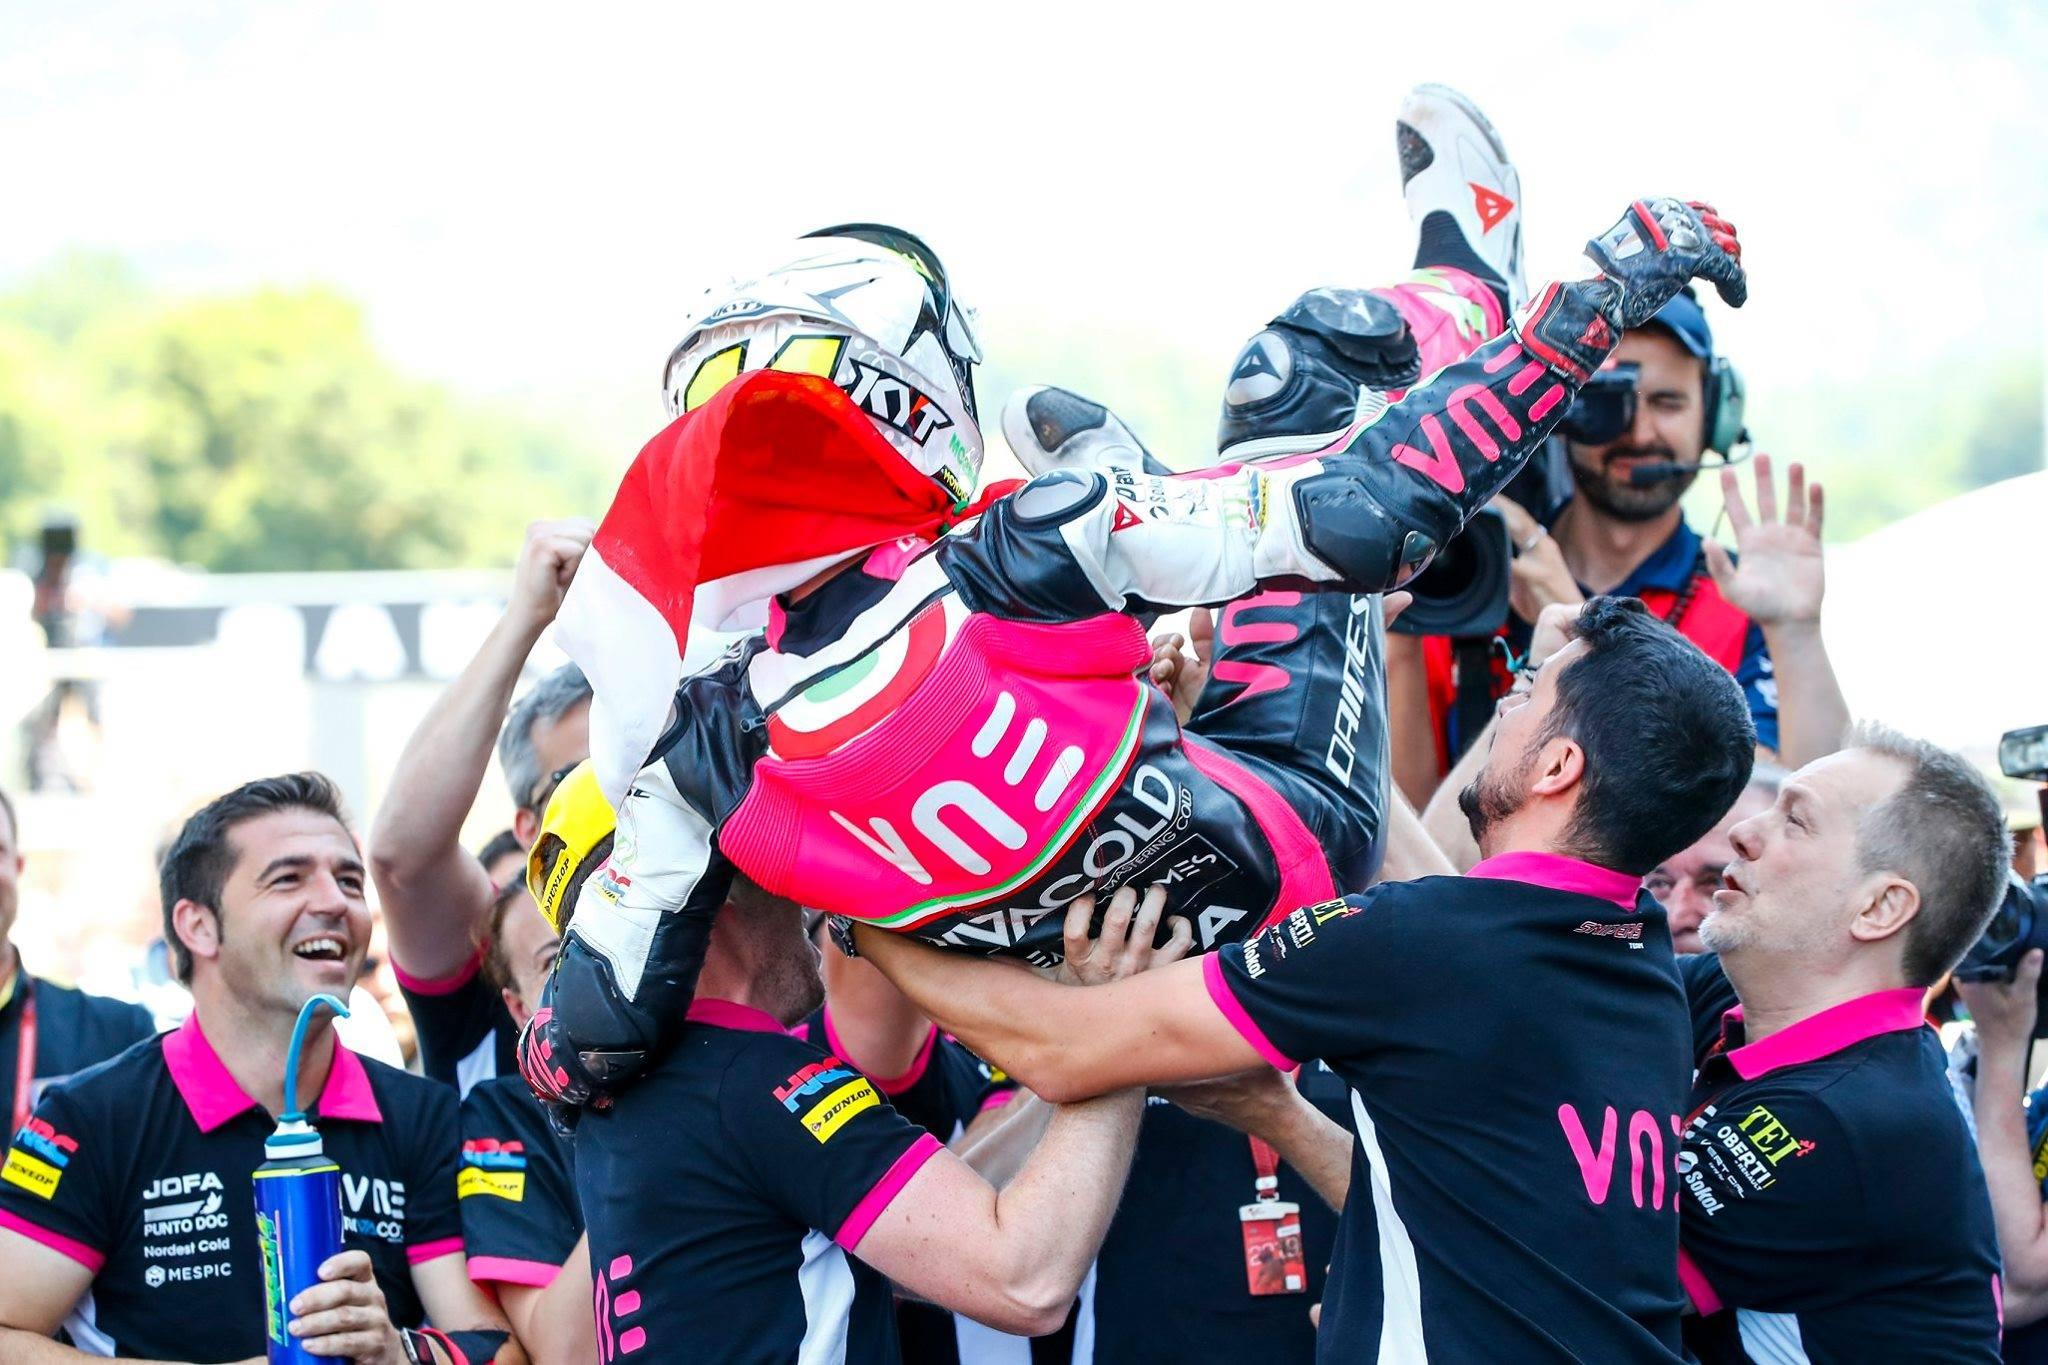 62262335 2247702198651233 6408553494436904960 o - VNE Snipers: Tony Arbolino, campione di Moto3 al Mugello - vne - news